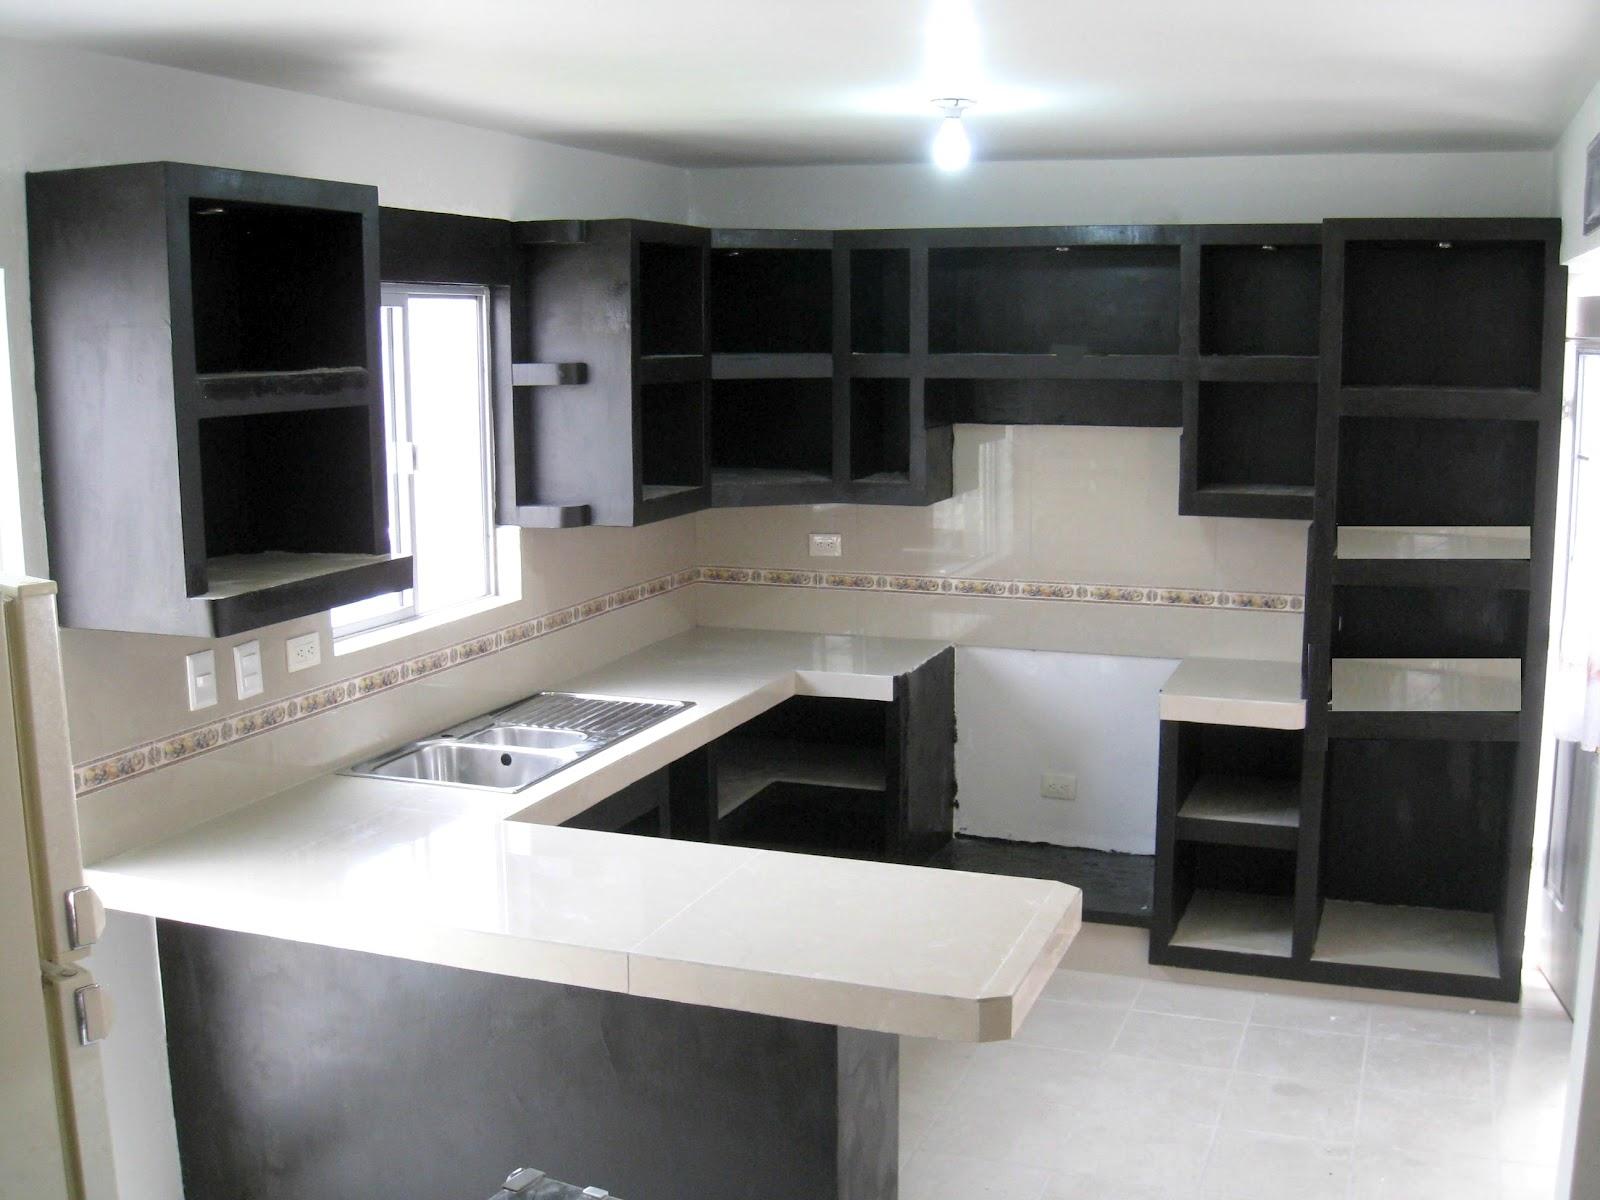 Tablaroca casa multiservicios cocinas tablaroca casa - Plafones para cocinas ...